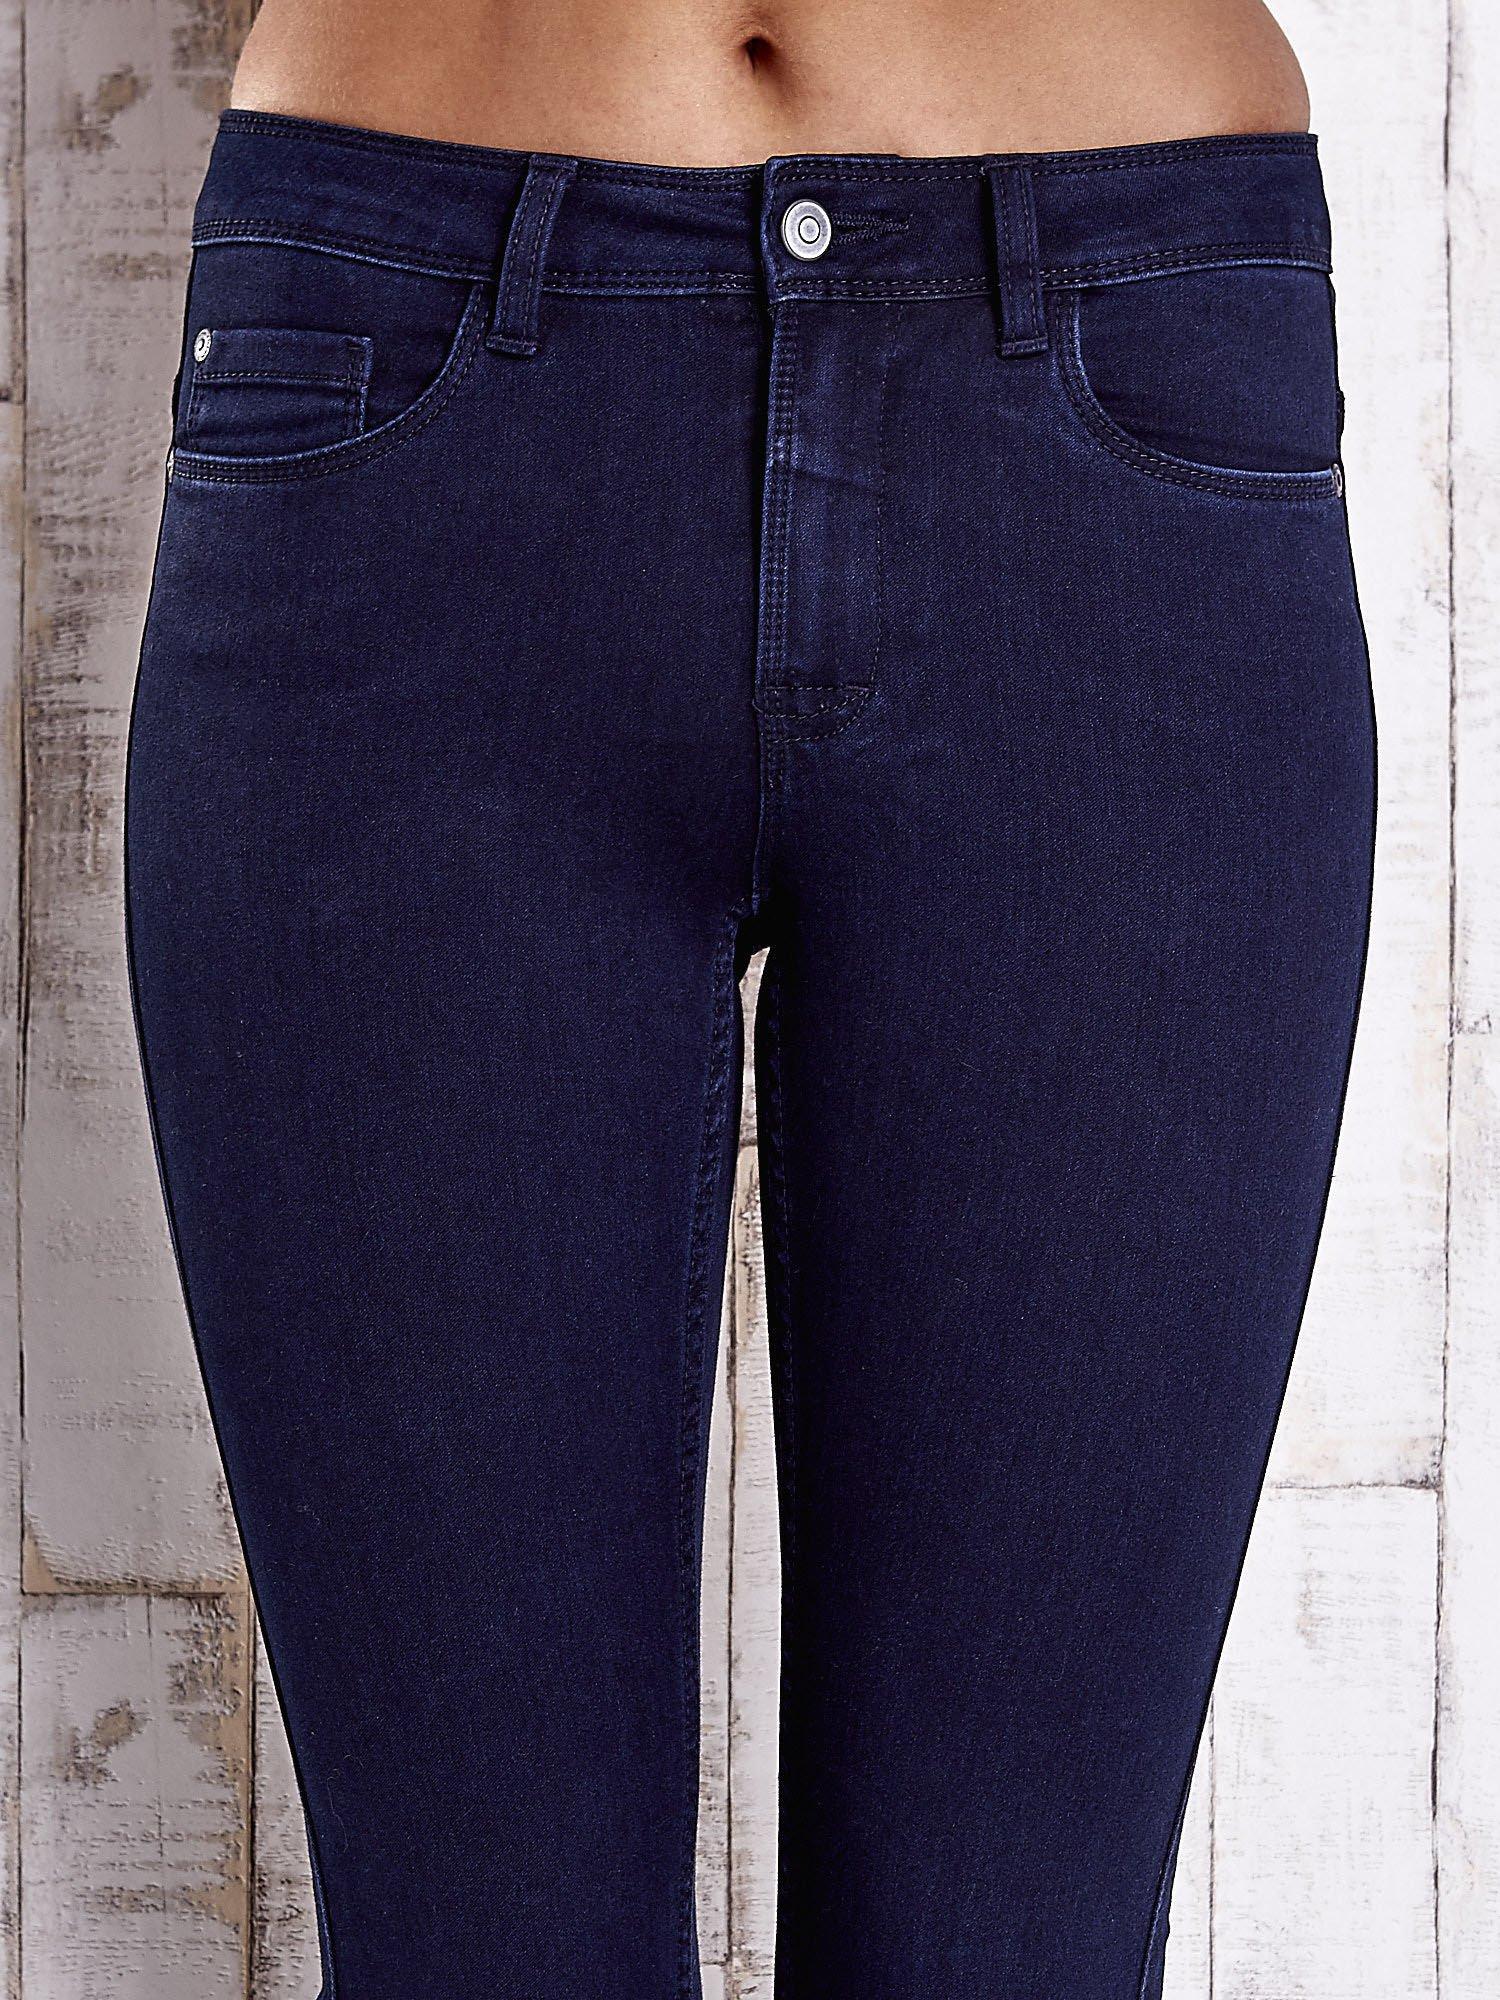 Granatowe dopasowane spodnie jeansowe                                  zdj.                                  4